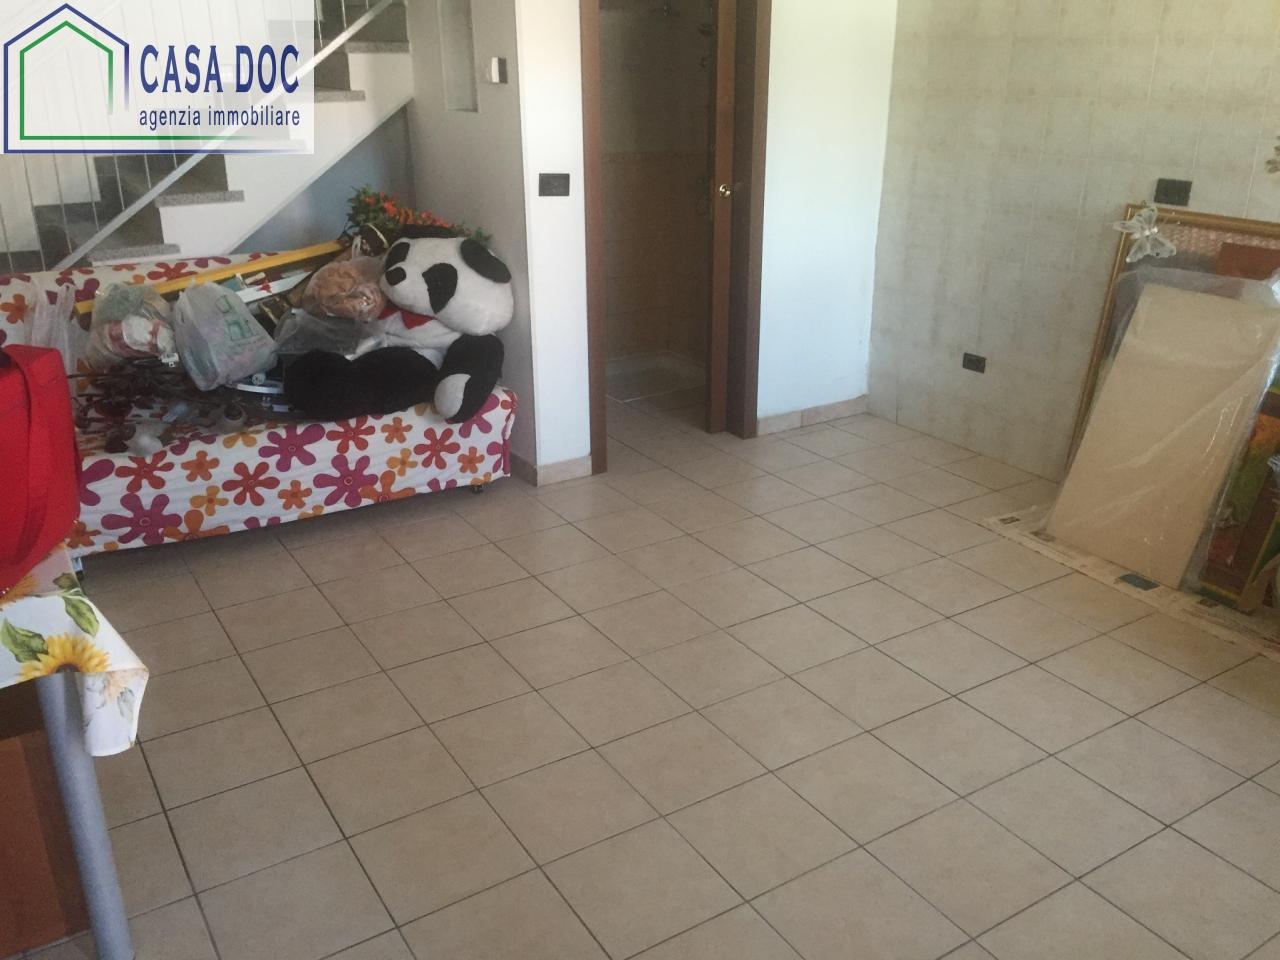 Appartamento in affitto a Magherno, 2 locali, prezzo € 350 | CambioCasa.it